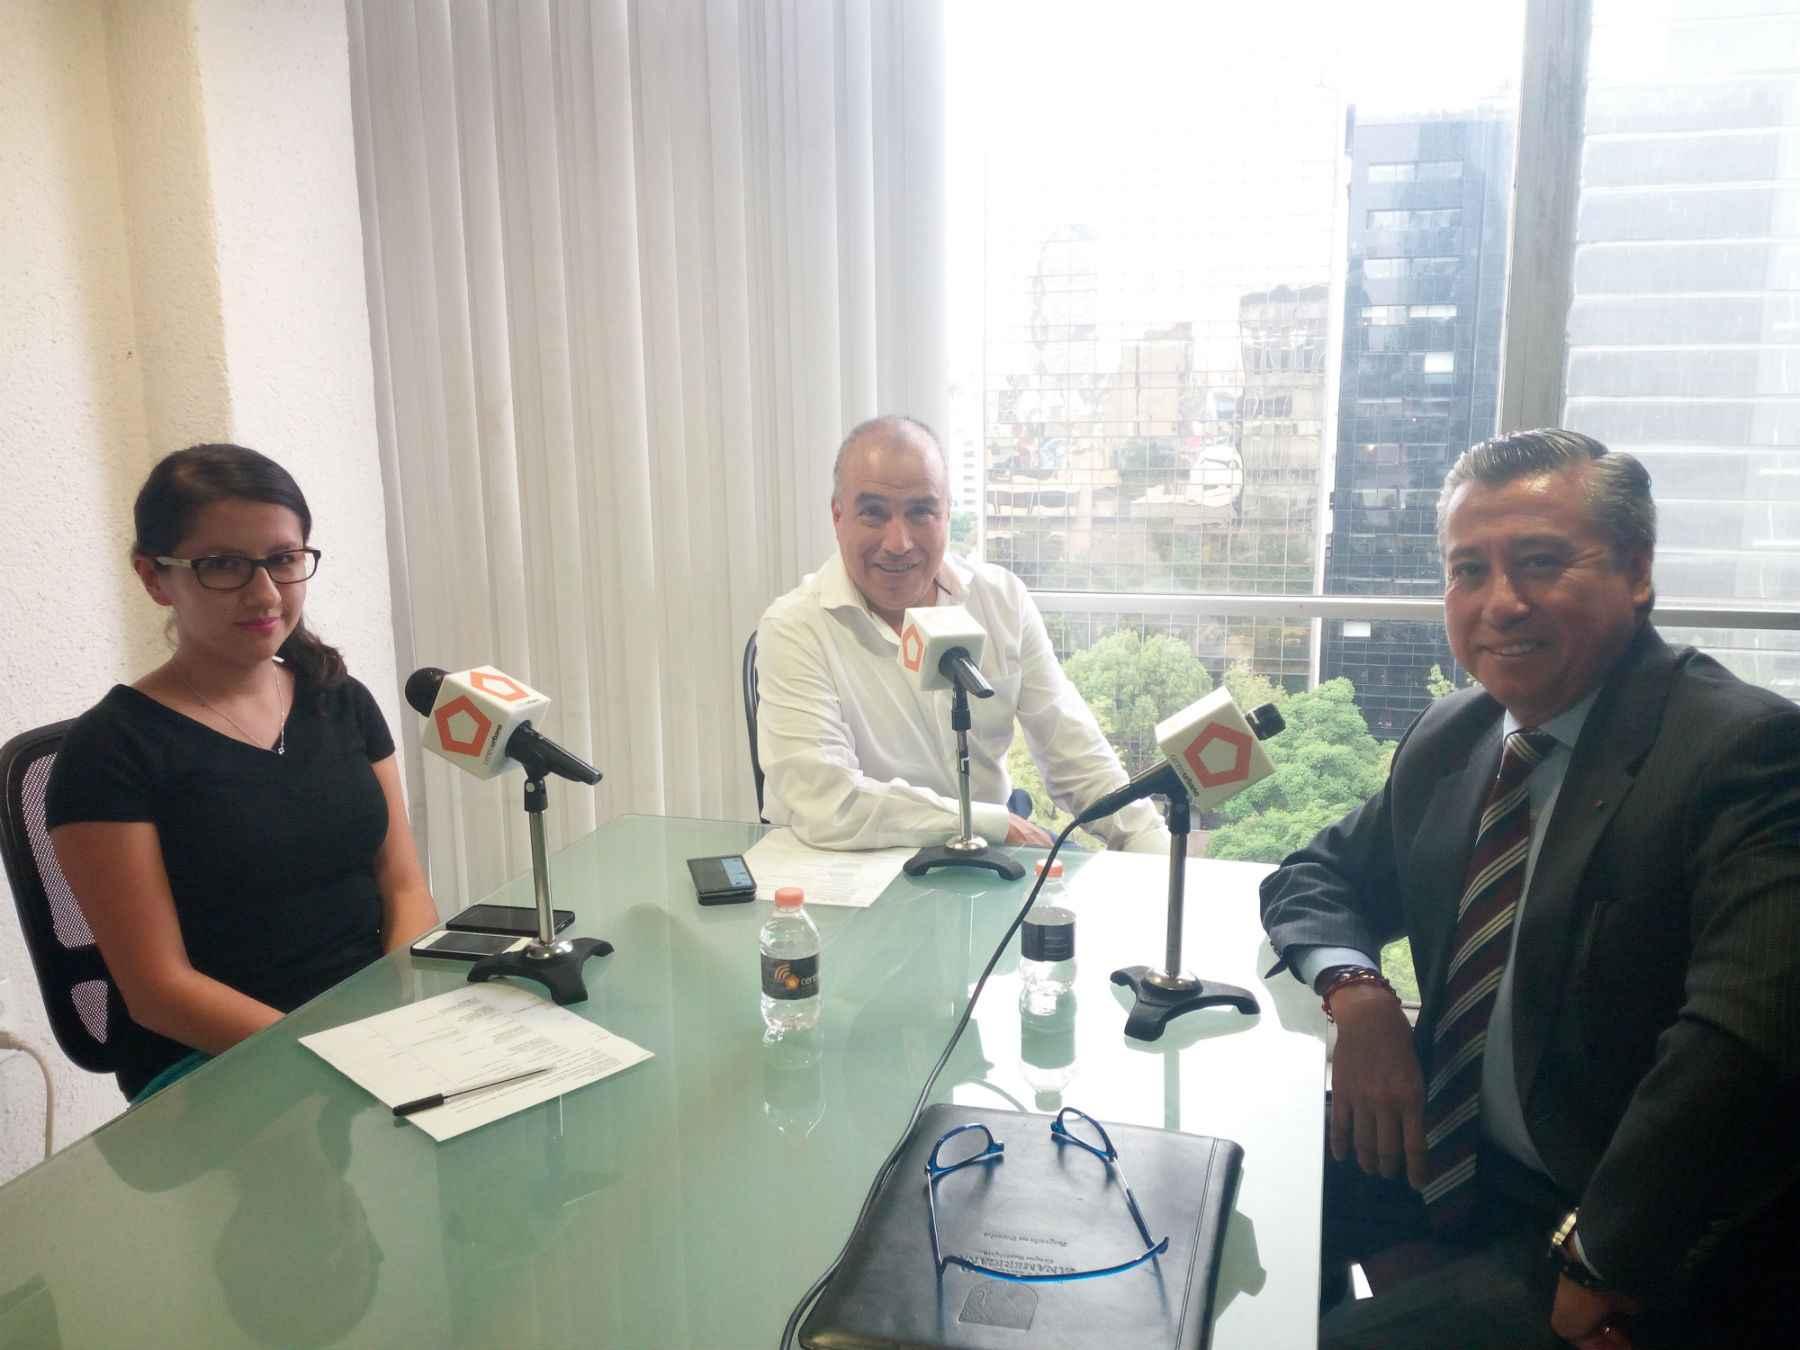 Necesitamos reforzar la confianza en los notarios: Manzanero